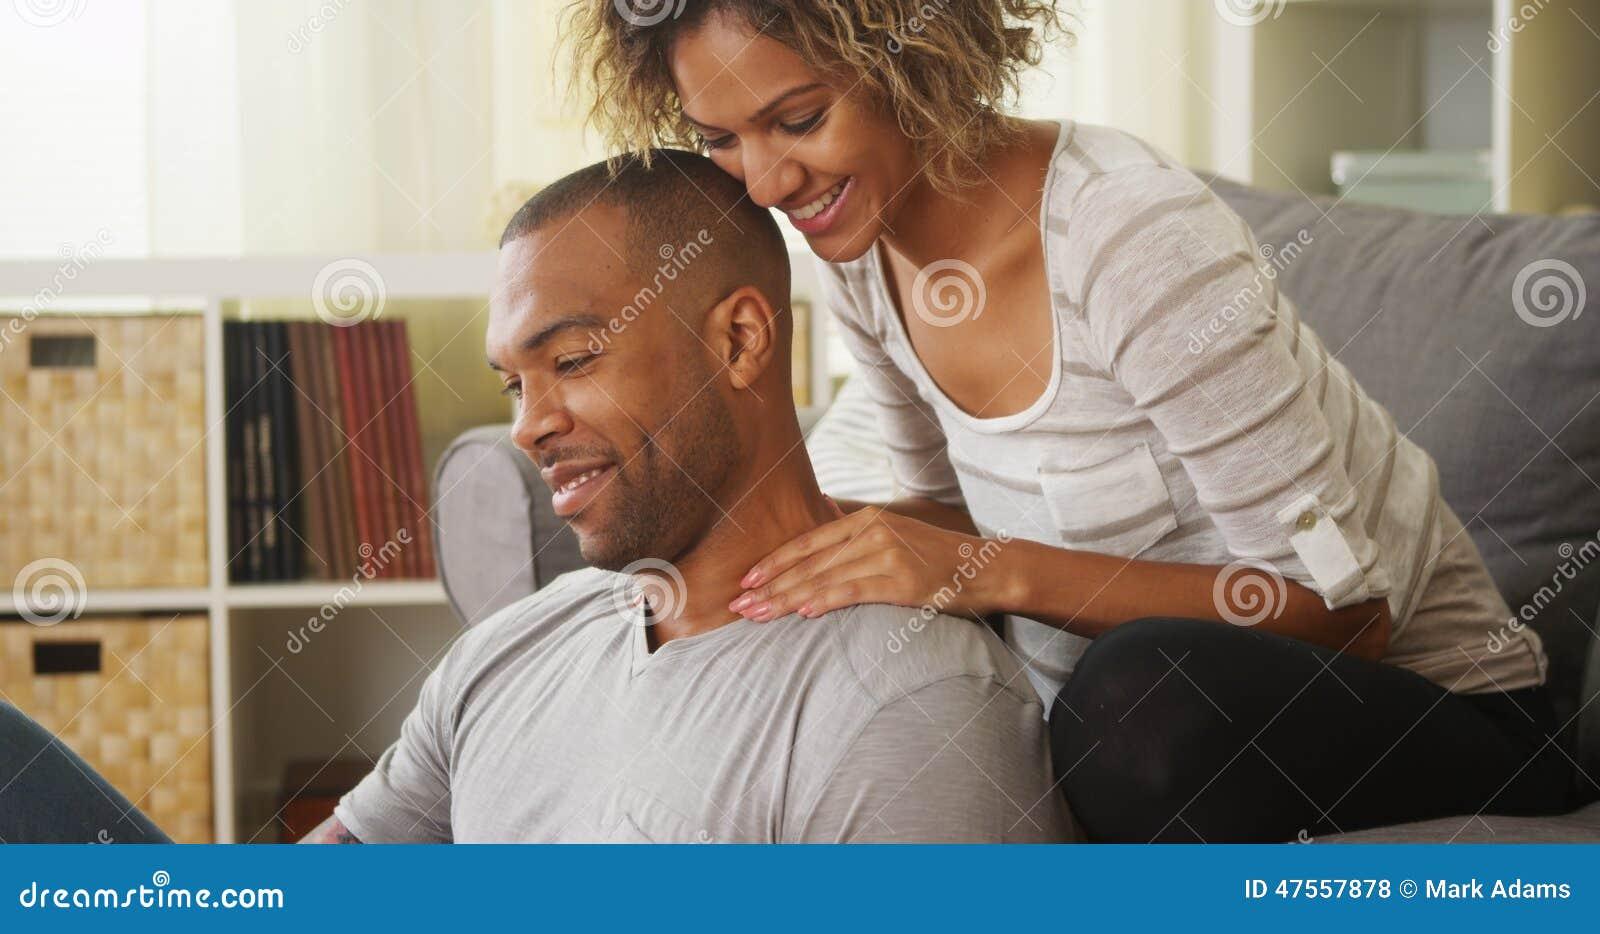 Glcklich verheiratet, aber Liebe zu bestem Freund